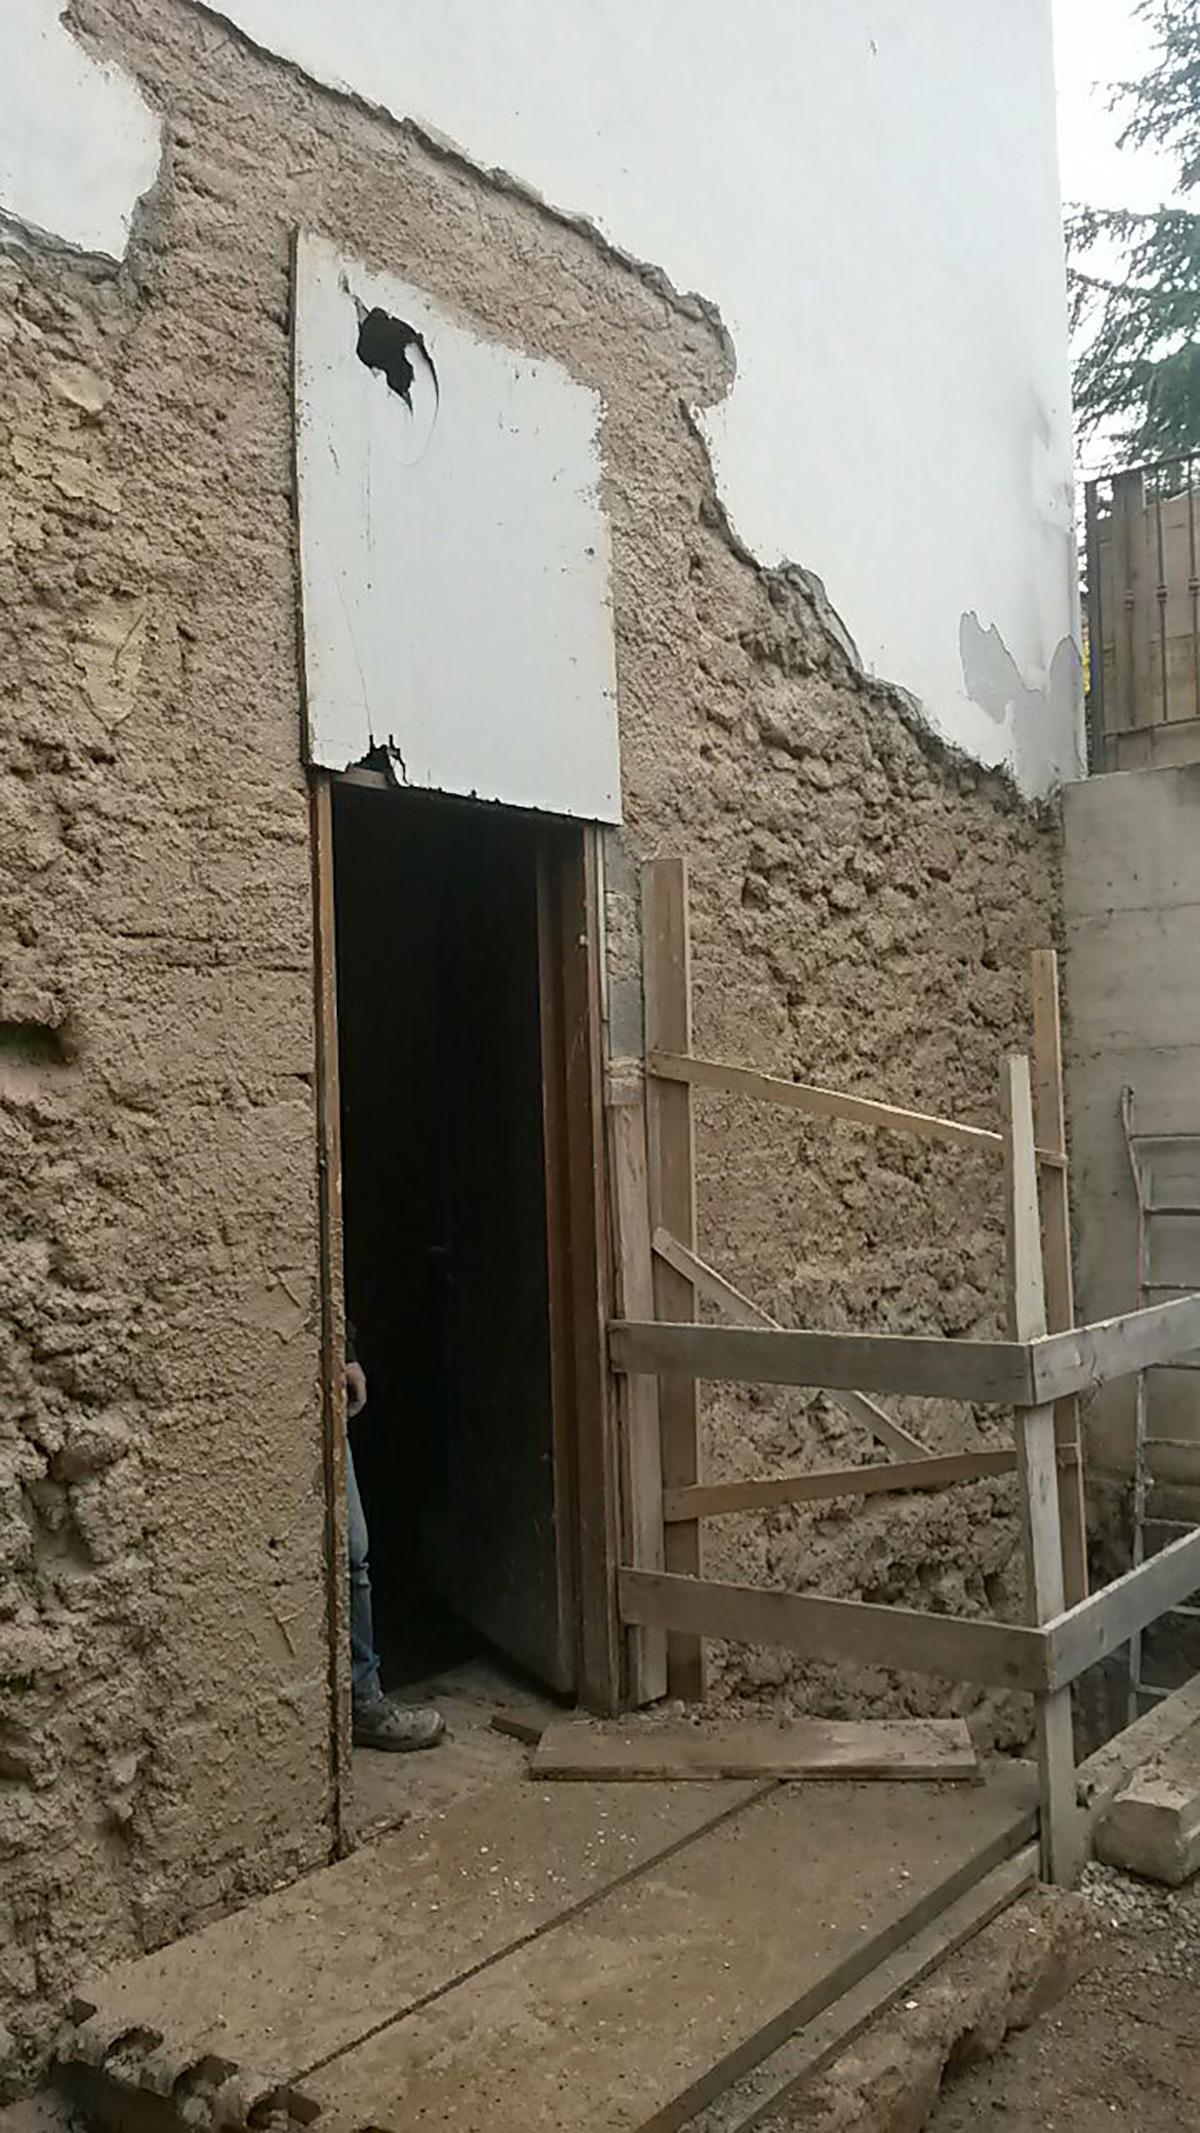 Perico-Renato-Zandobbio (BG) - Via Della Costa - Residenza 19